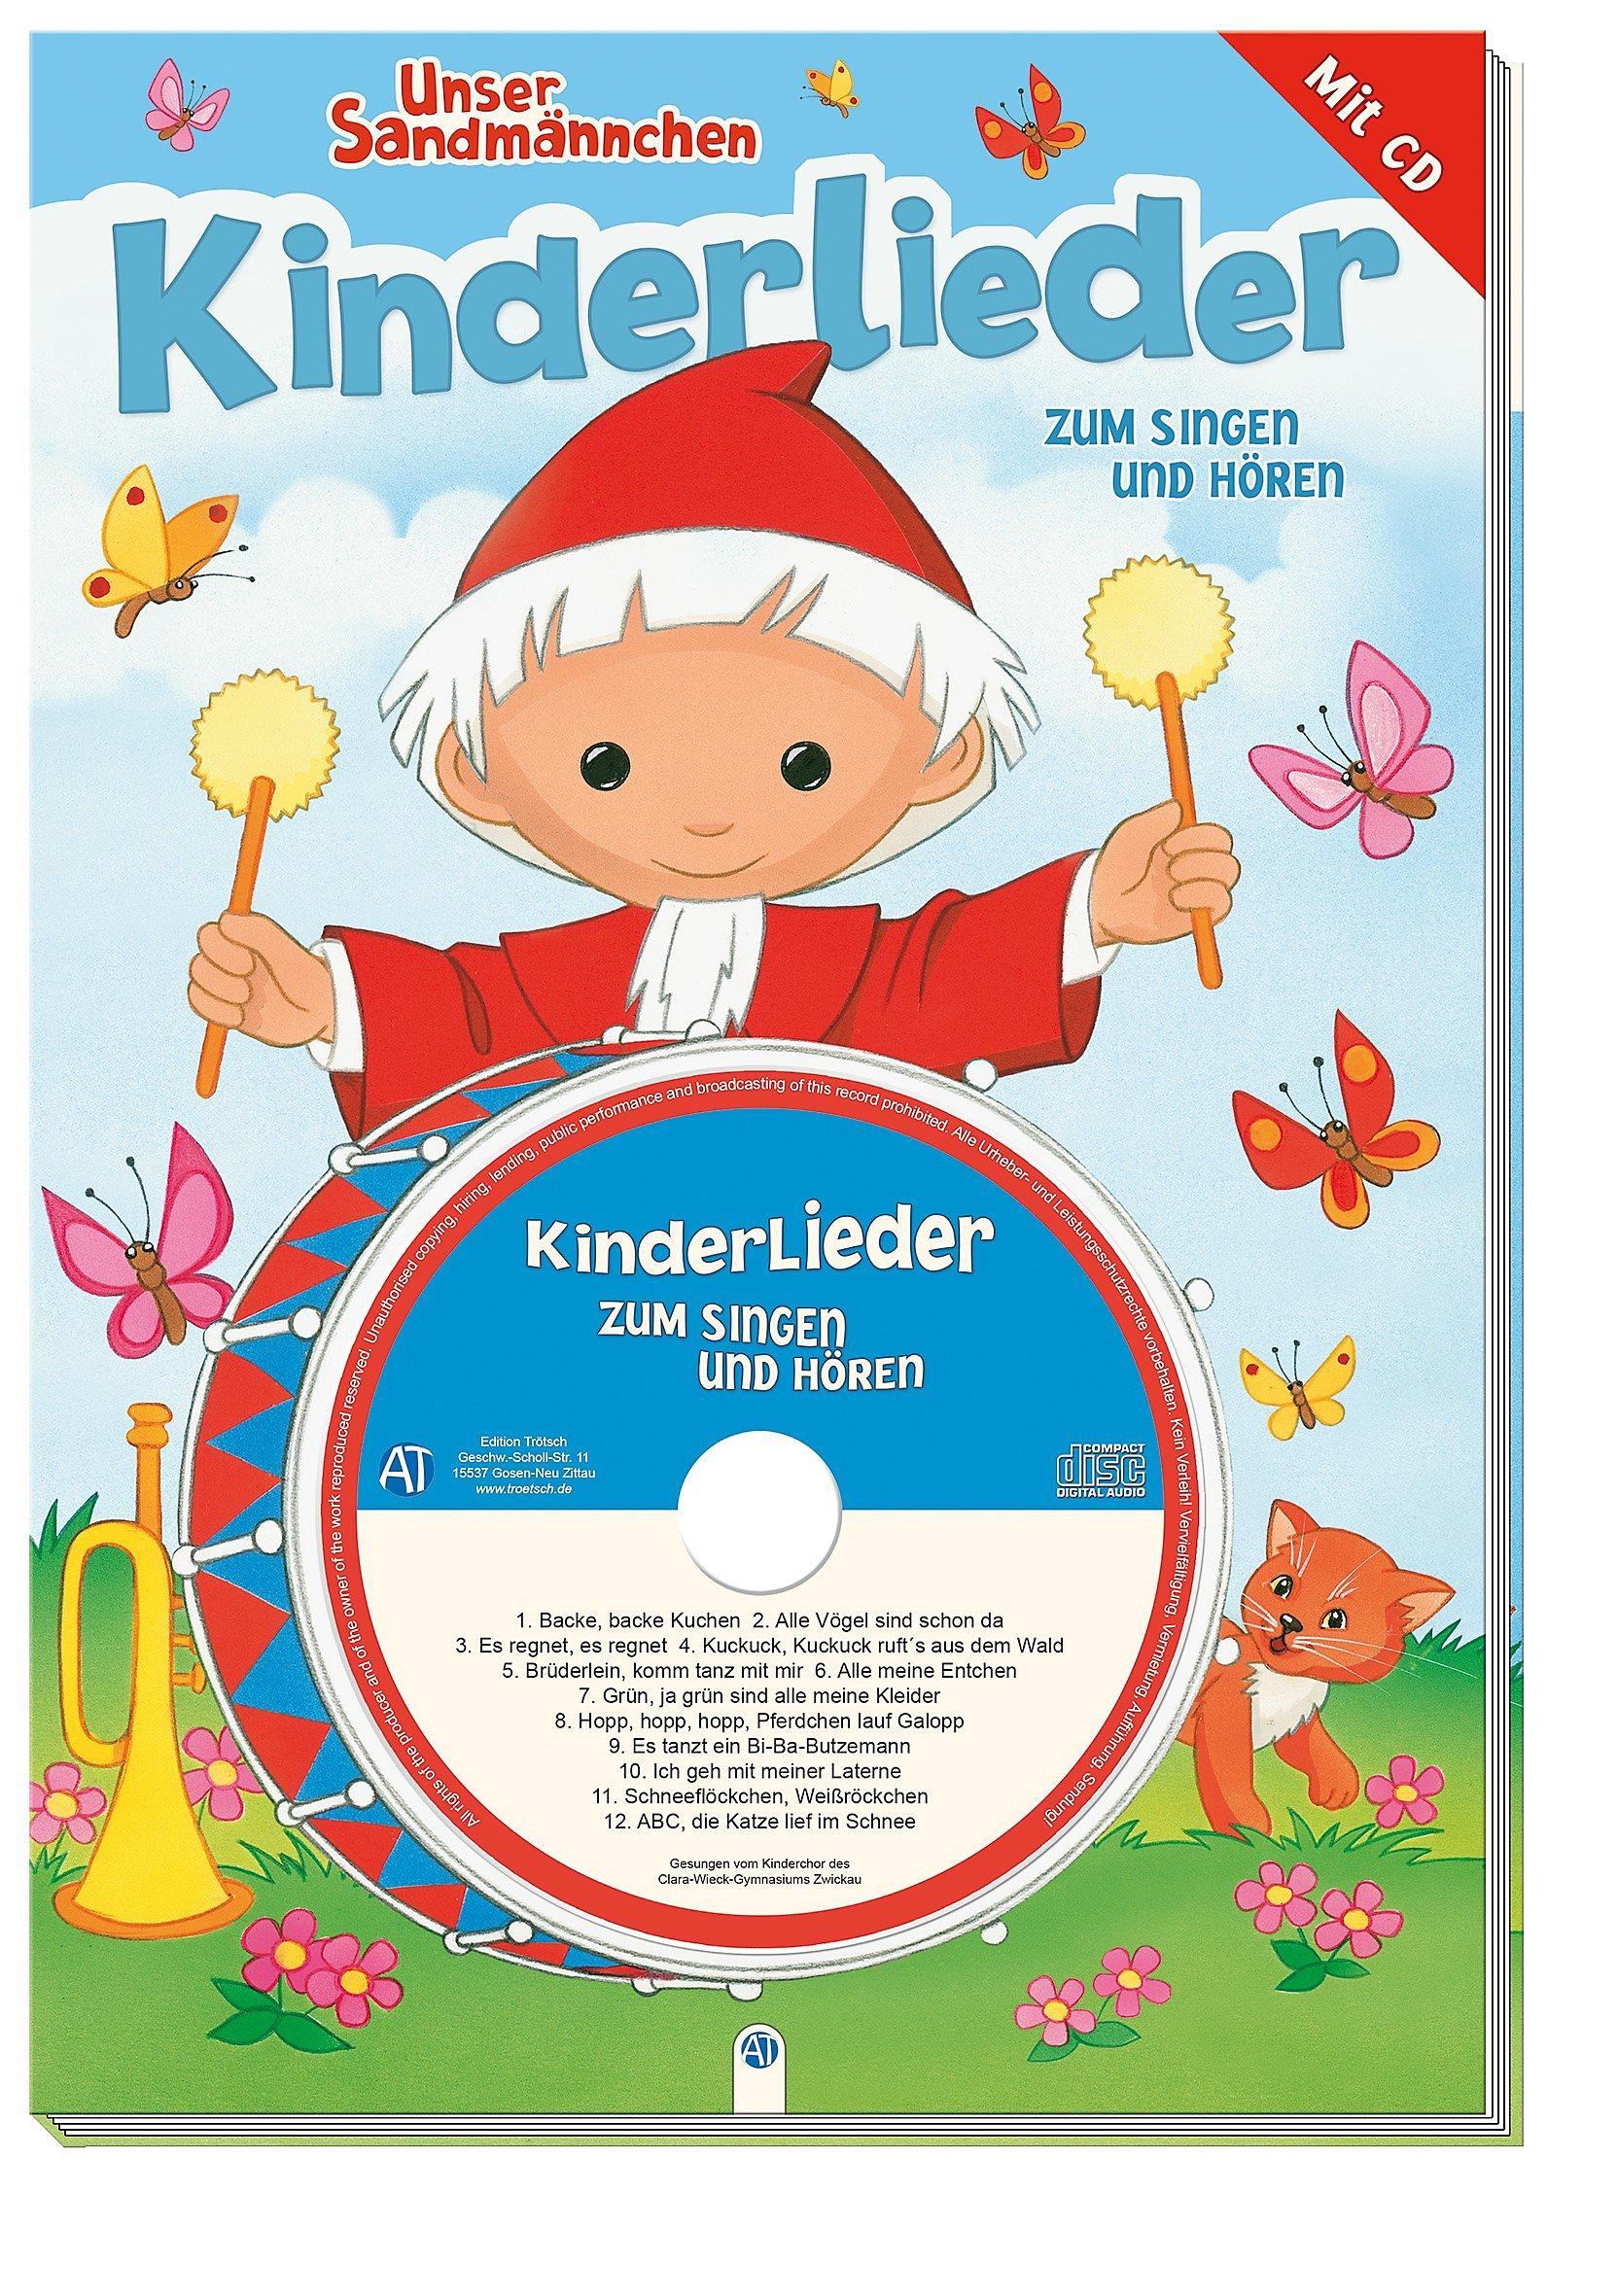 Kinderlieder Zum Singen Und Horen M Audio Cd Buch Weltbild Ch